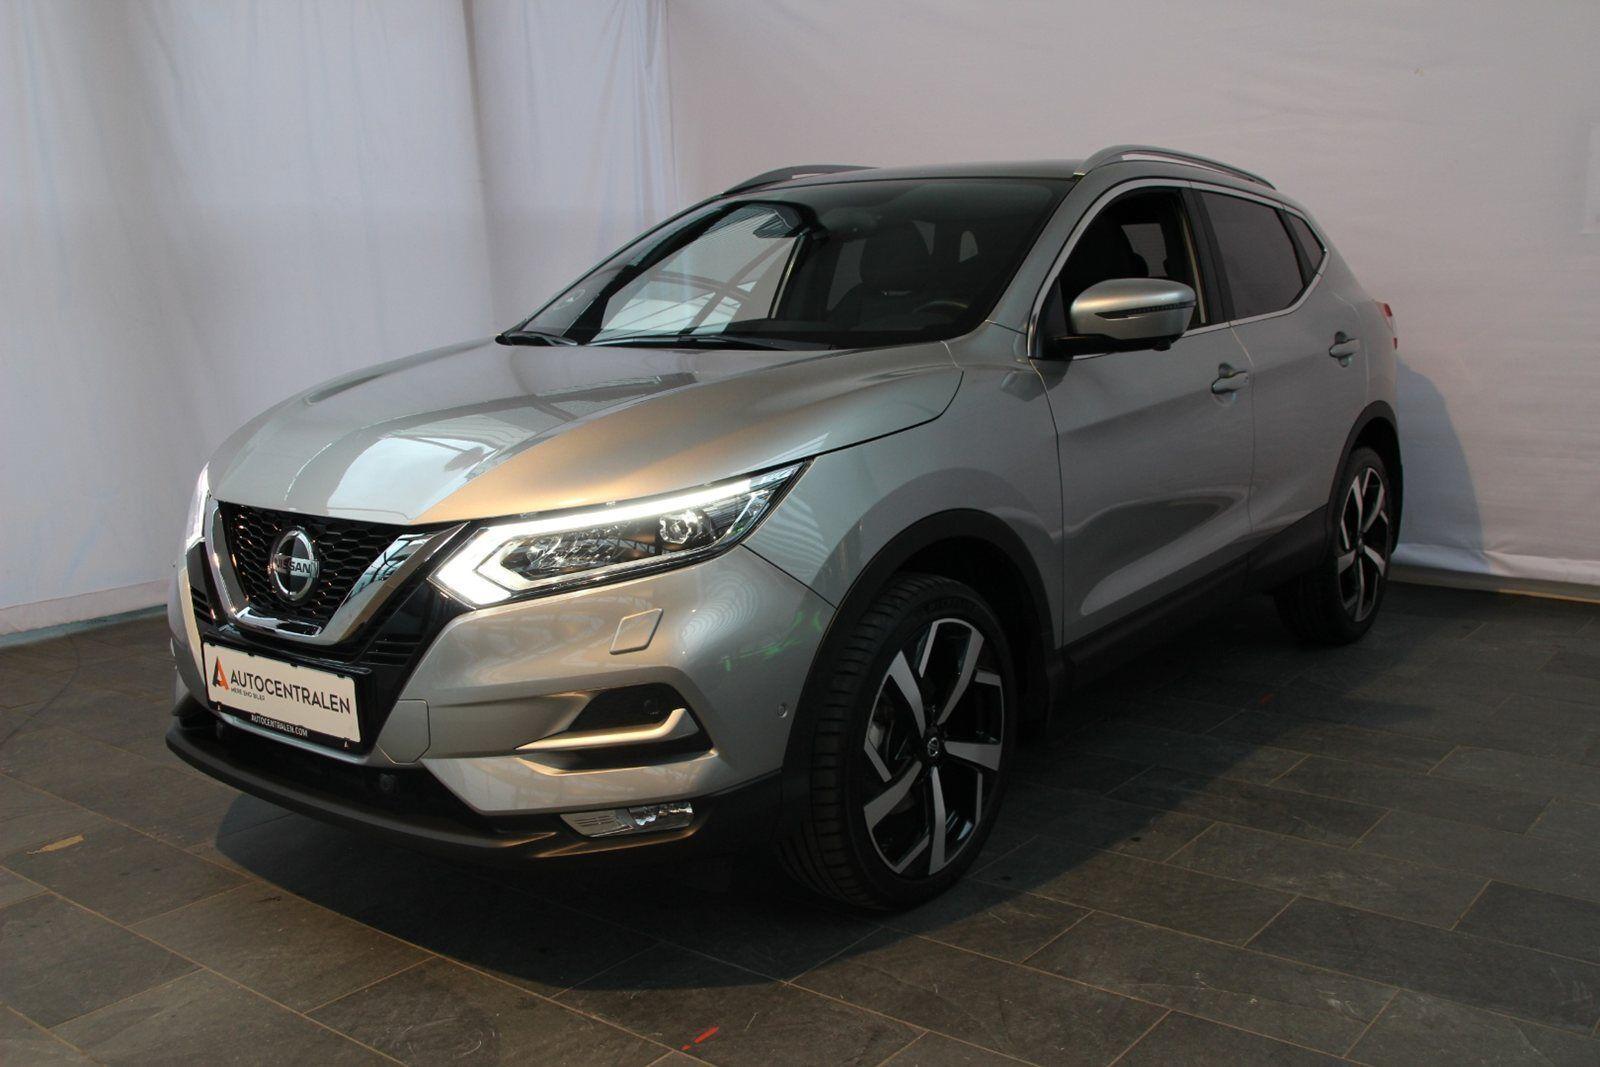 Nissan Qashqai 1,2 Dig-T 115 Tekna+ 5d - 278.900 kr.